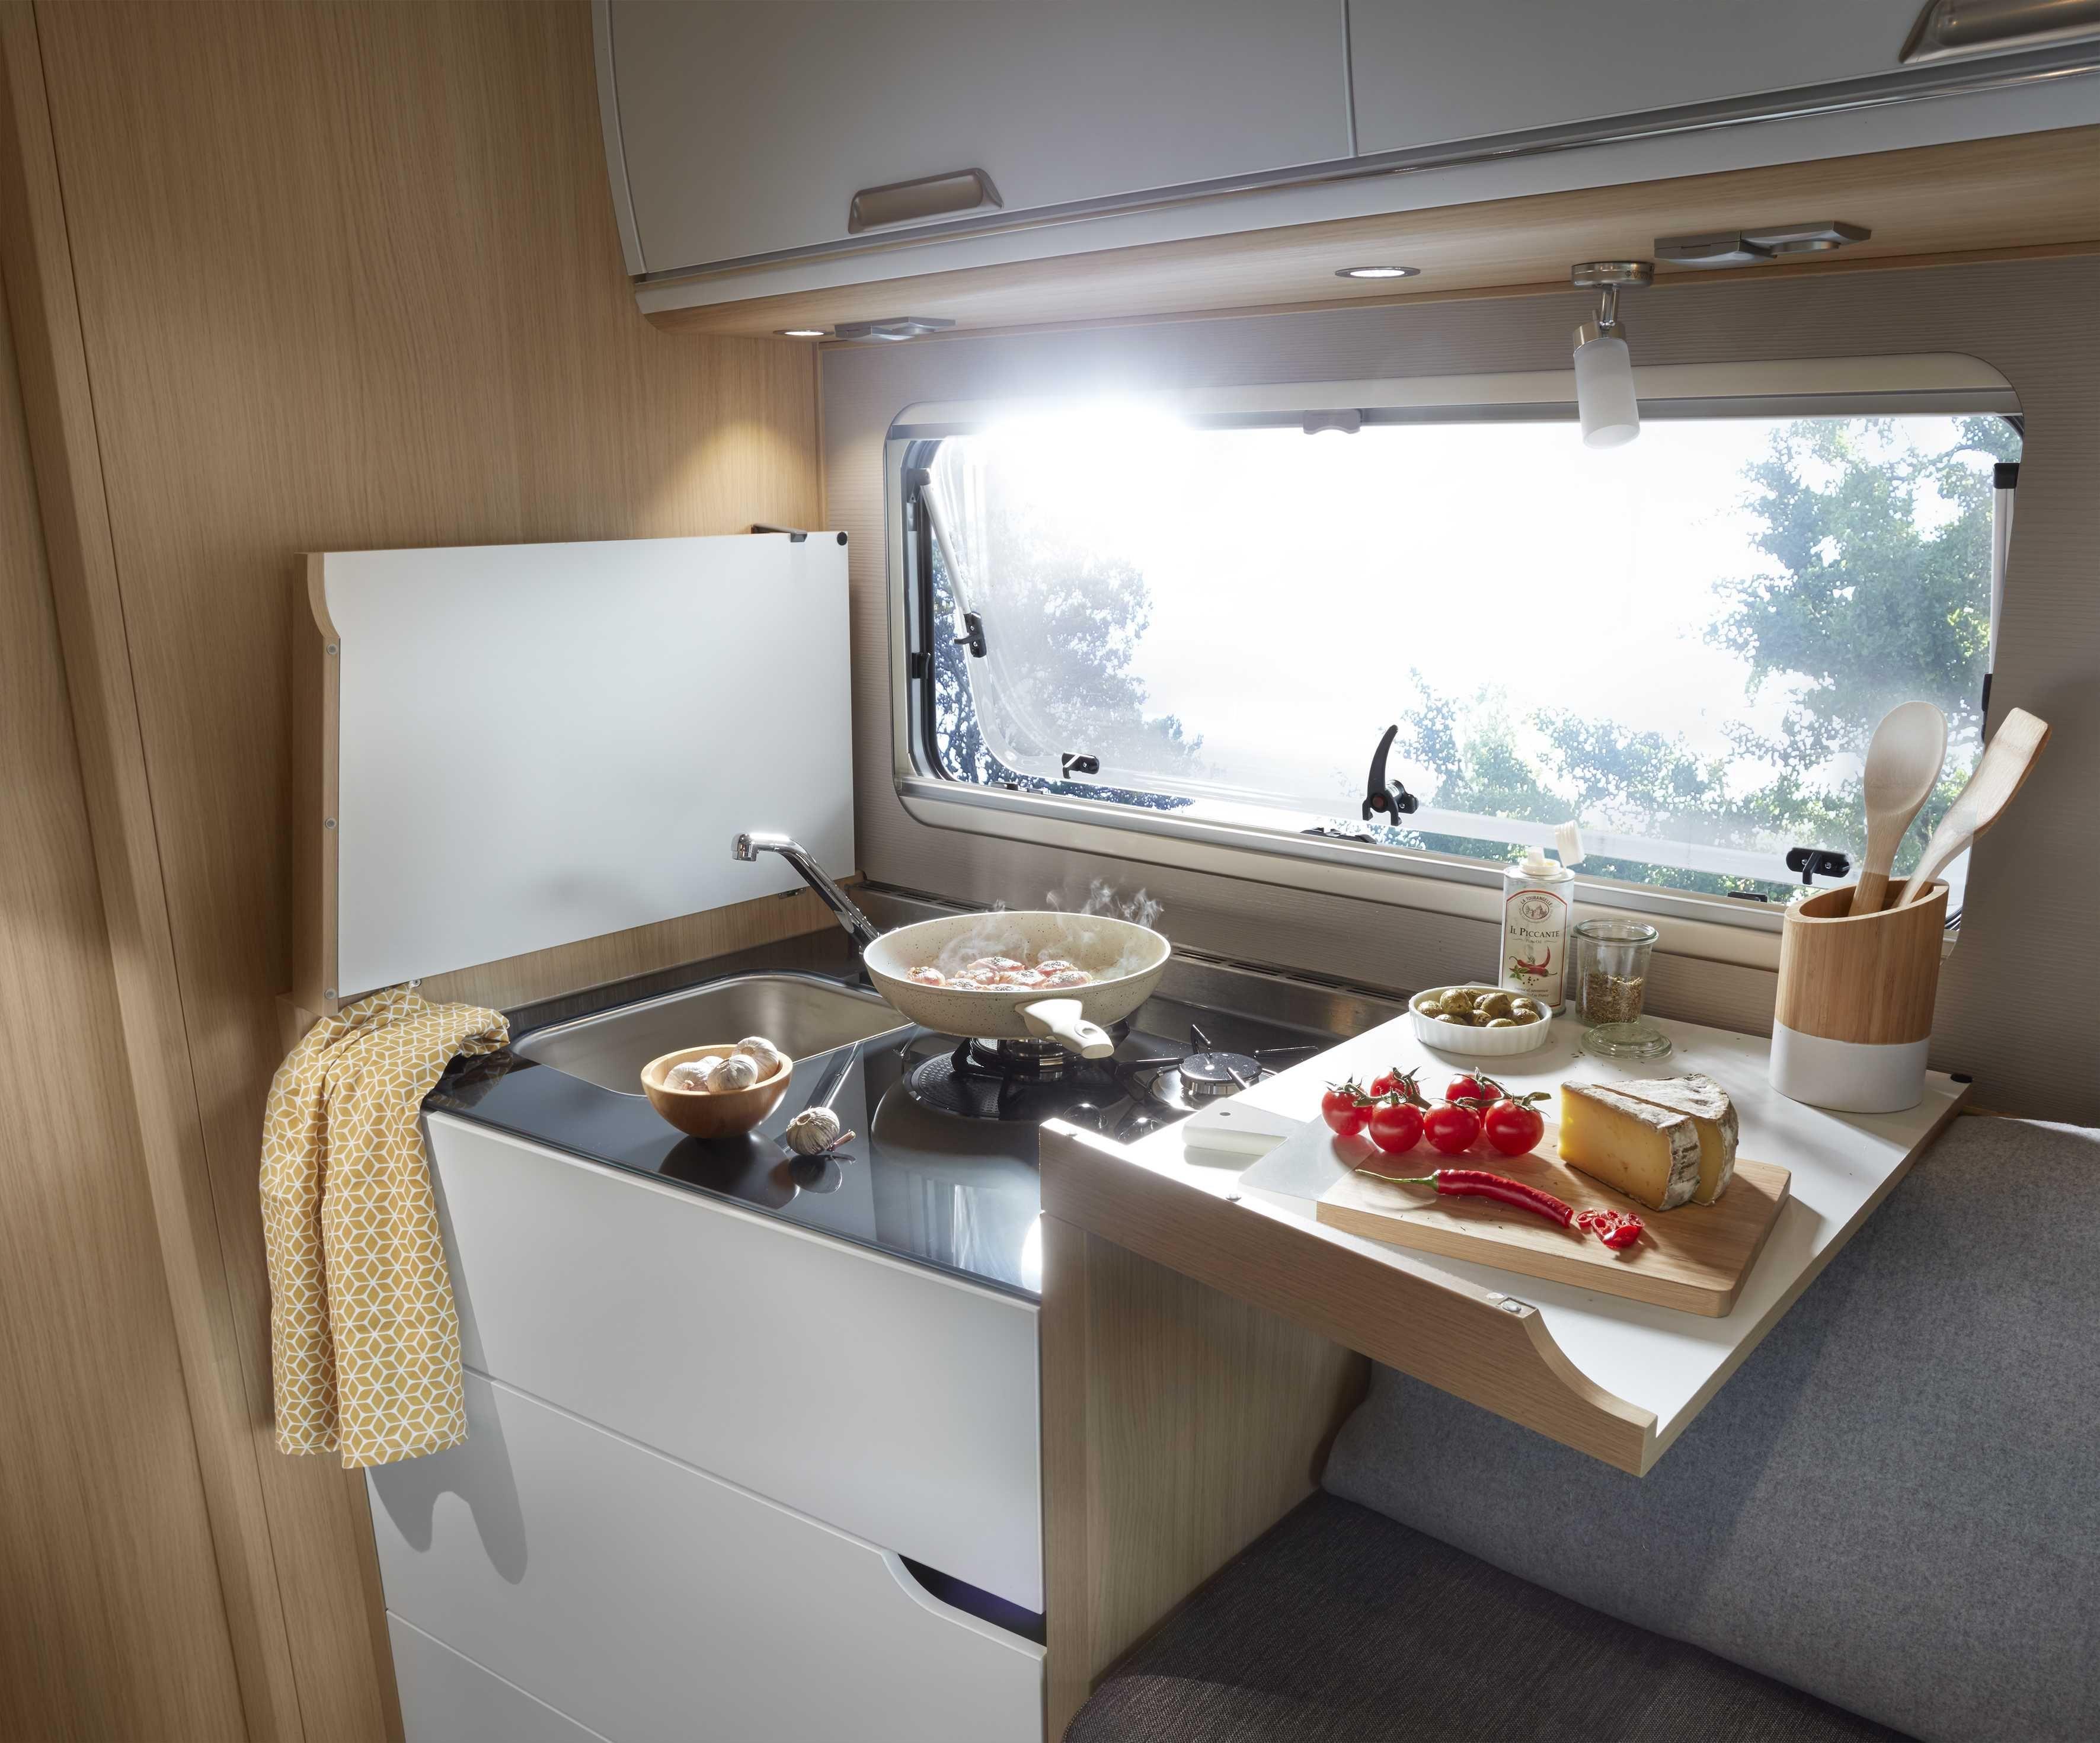 N B Smove Sideboard Wird Zur Loft Kueche Camping Diy Wohnen Kuche